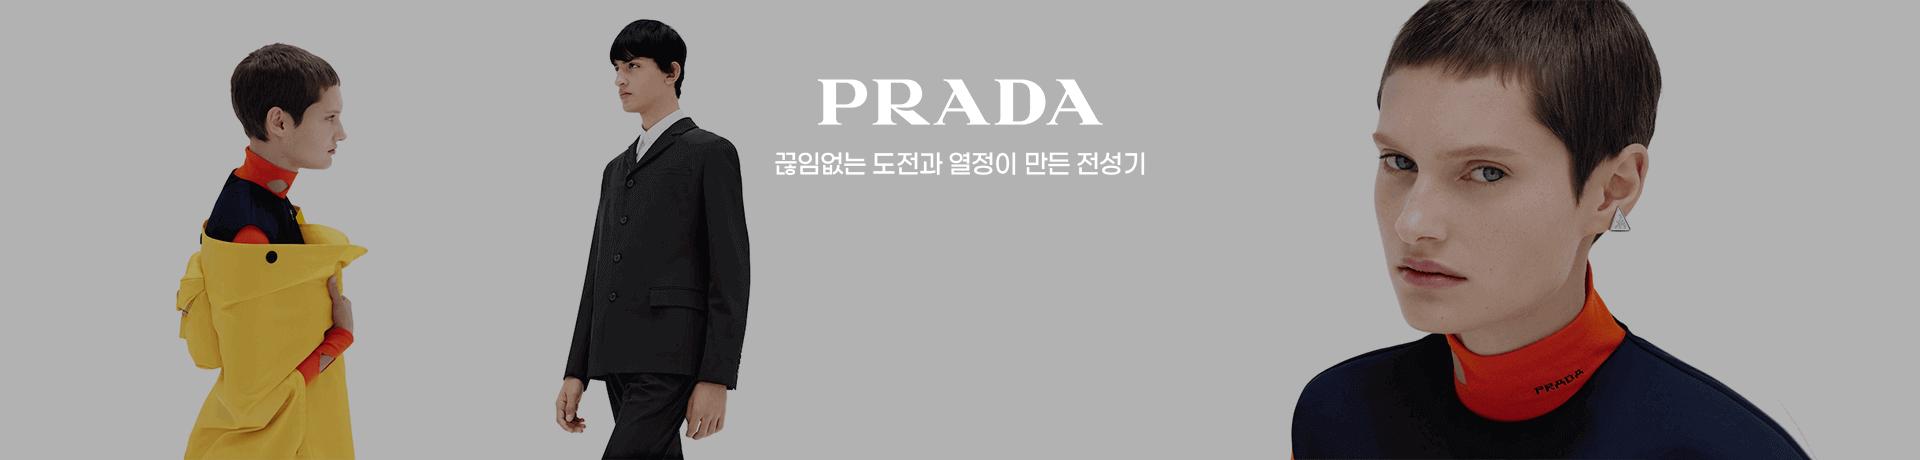 210426_sy_prada_pc_b2b2b2